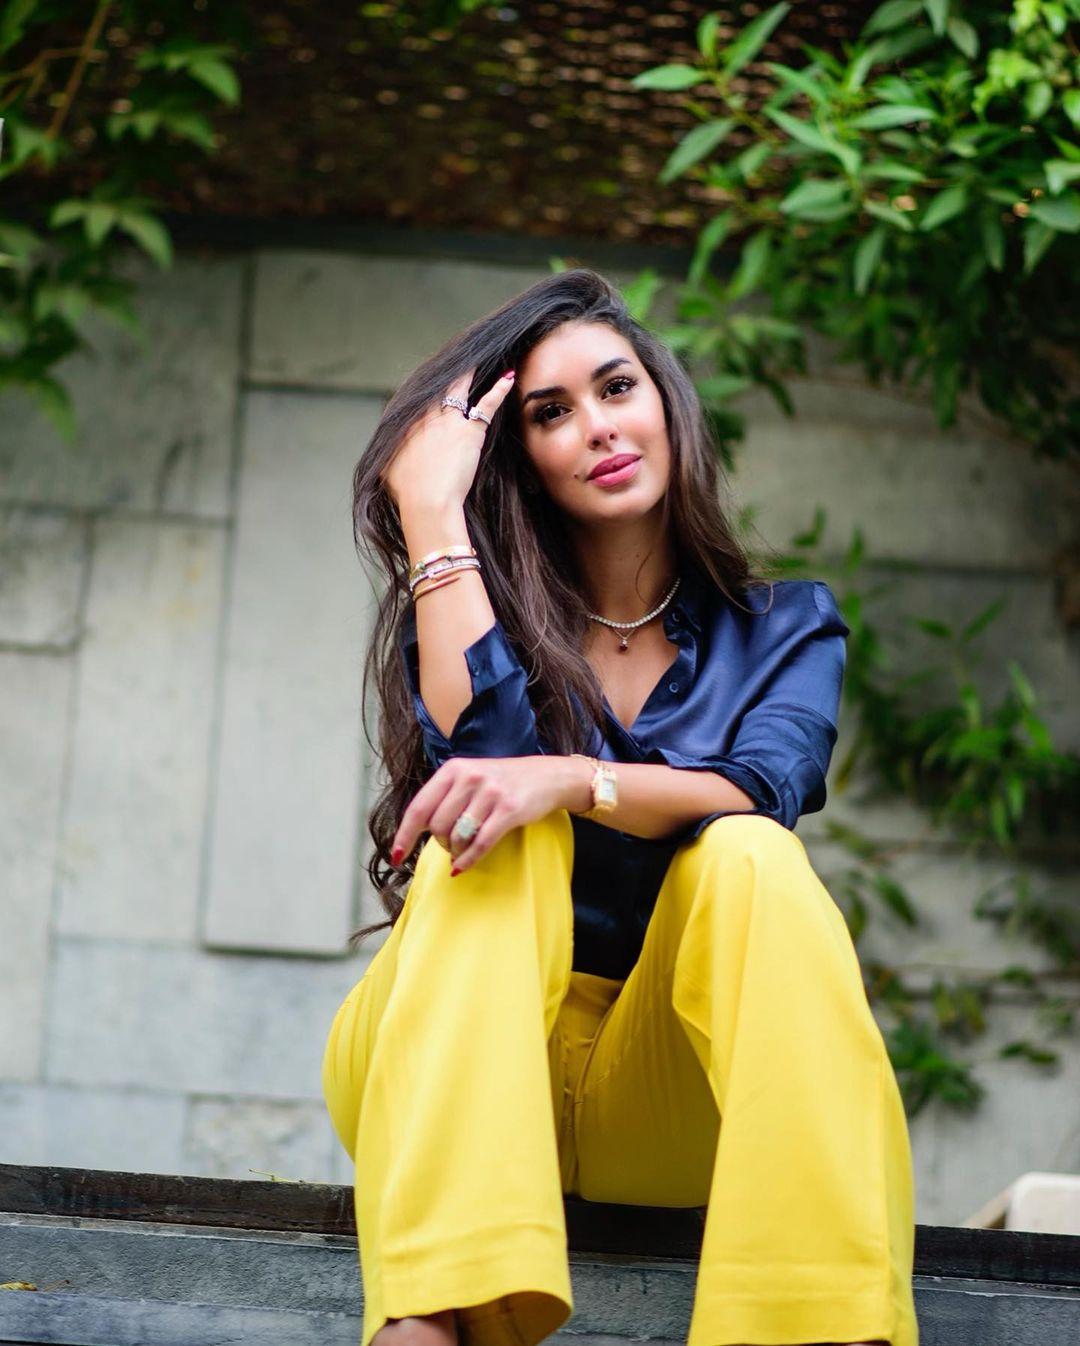 صورة ٤ ياسمين صبري بإطلالة عصرية الصورة من حسابها علي انستغرام